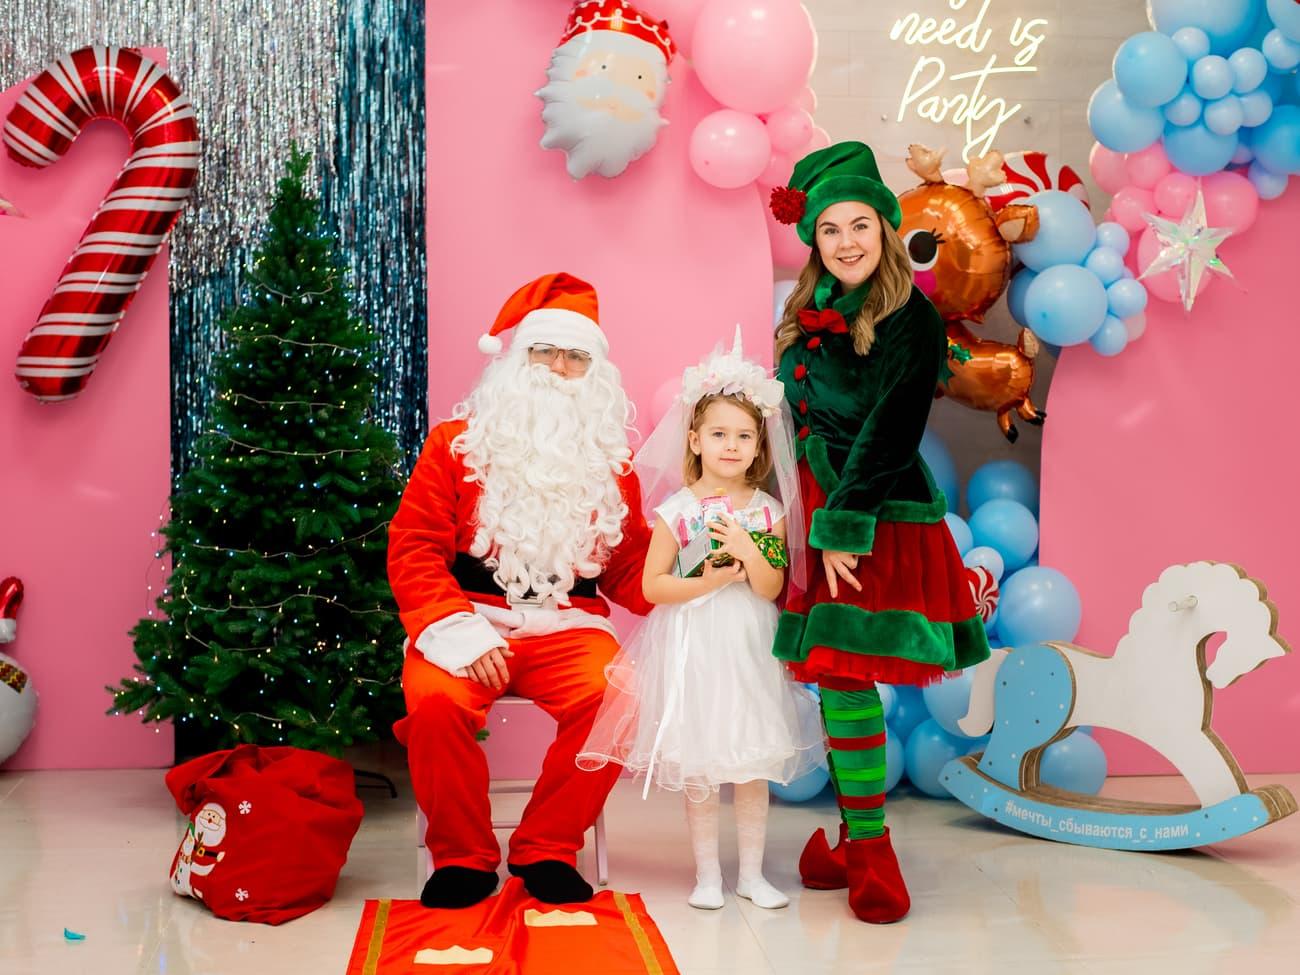 Дед Мороз, Эльф и девочка с подарками